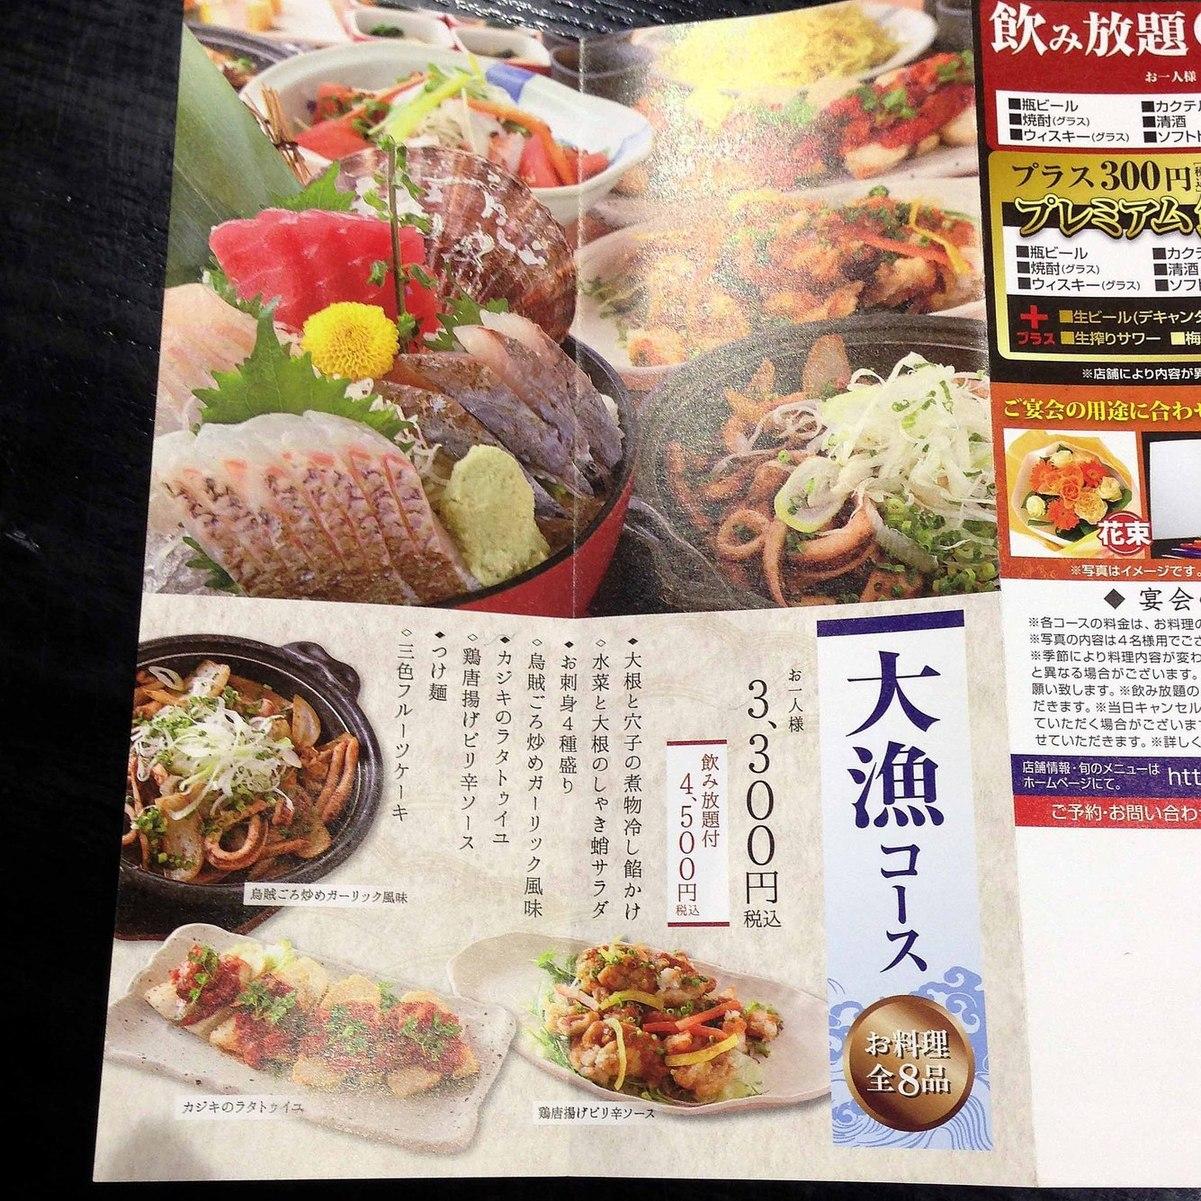 魚鮮水産 アイスタ新山口店